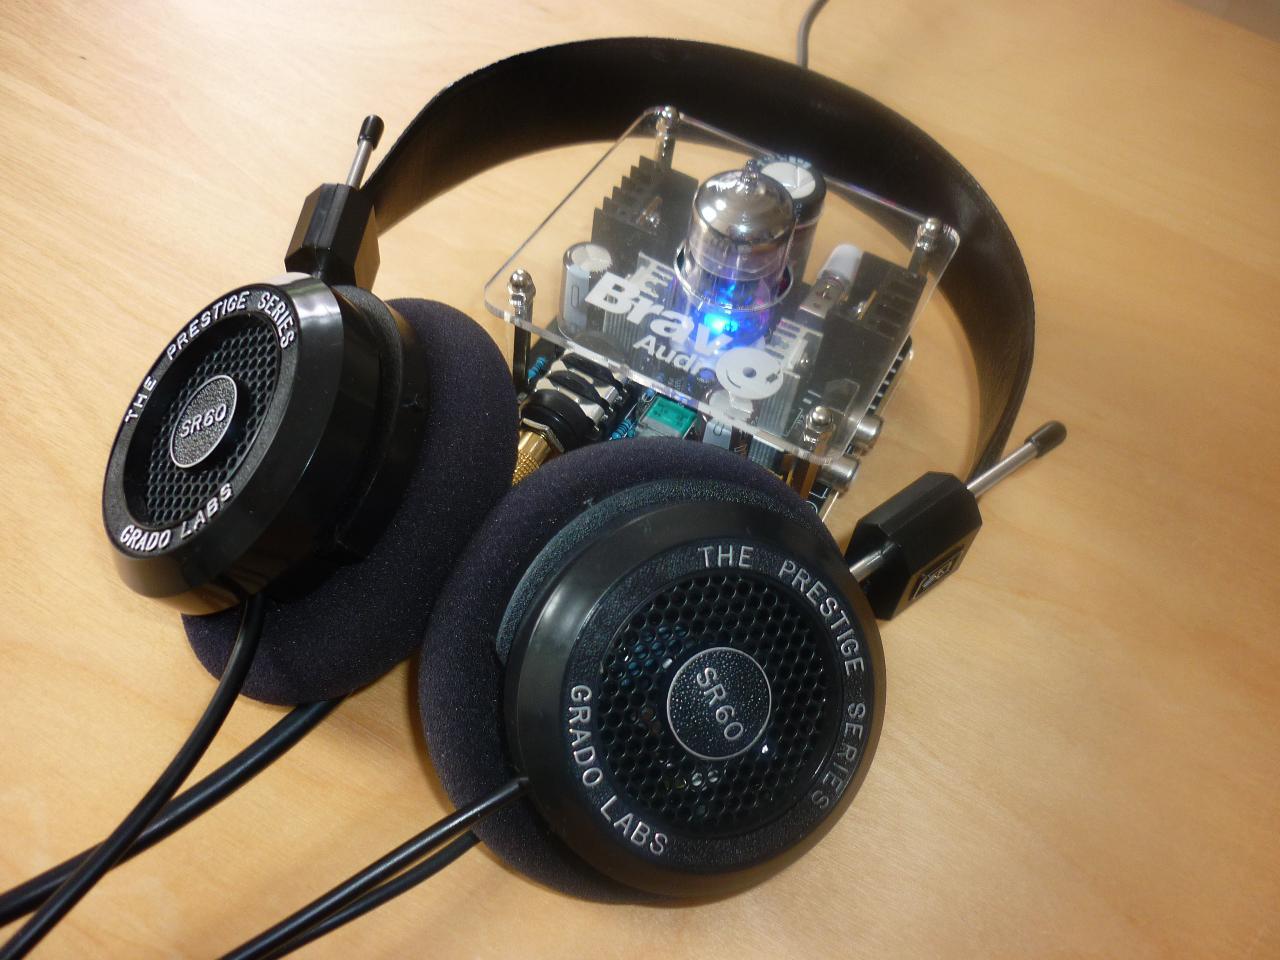 Bravo Amp v2 and Grado SR60i